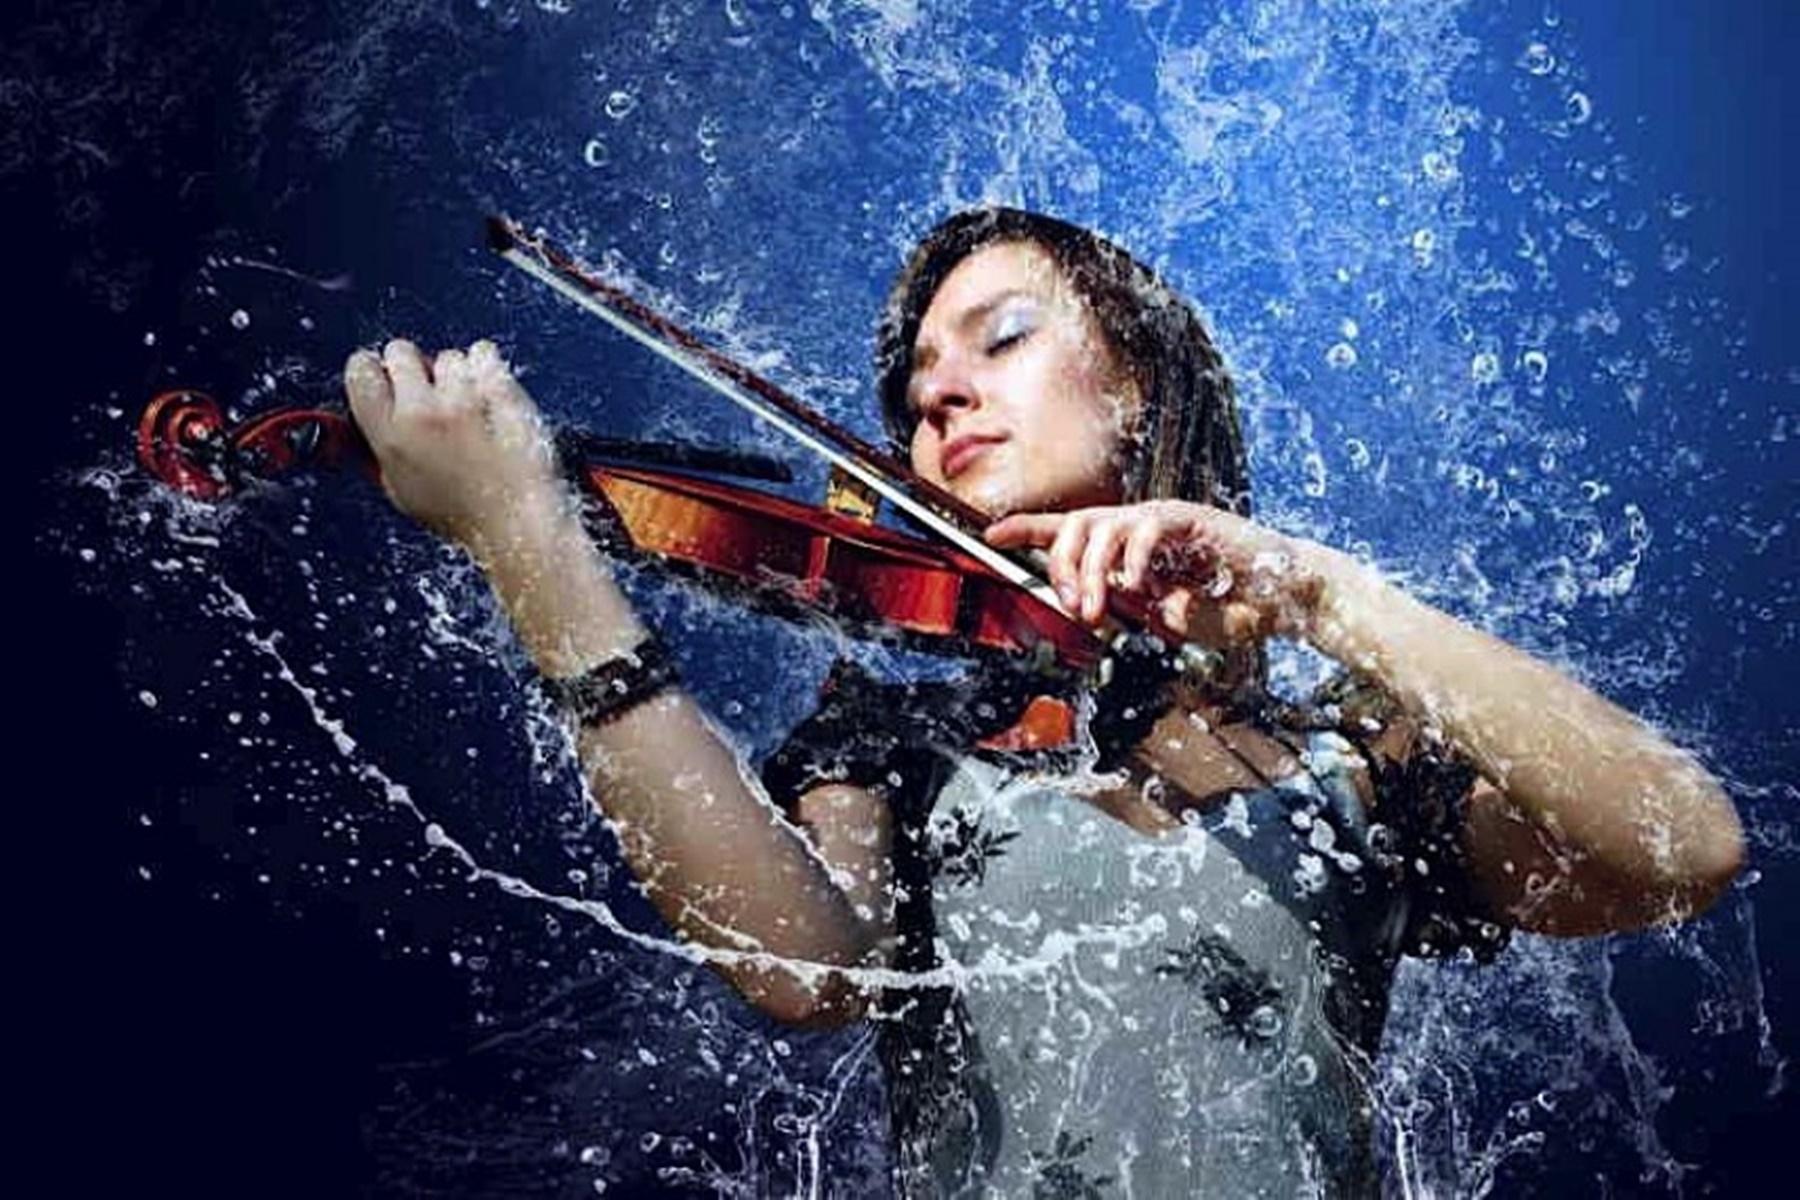 Έρευνα μουσική: Πως επιδρά στην ψυχολογία μας